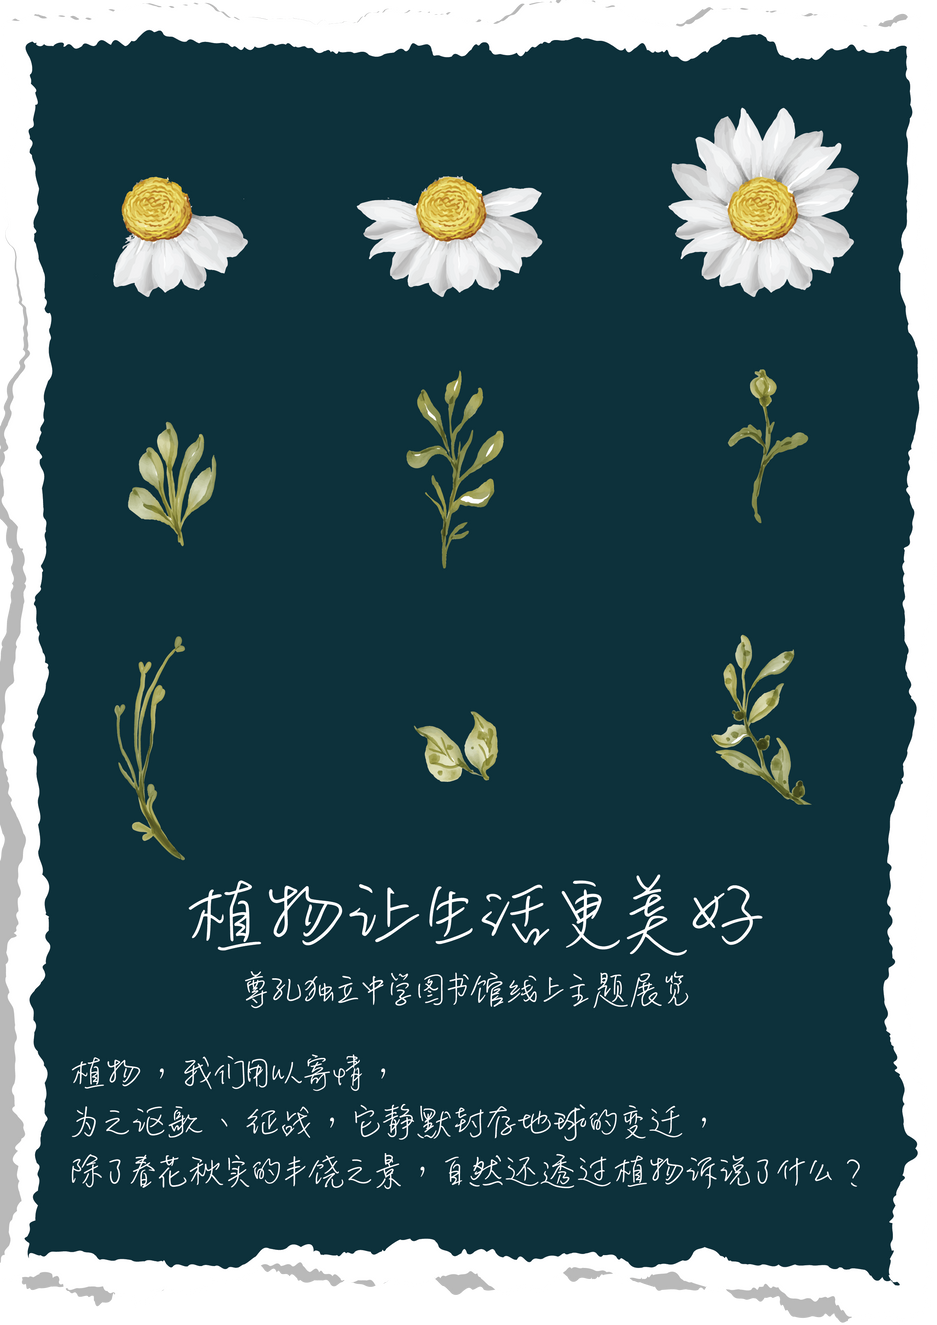 [图书馆主题展]植物让生活更美好